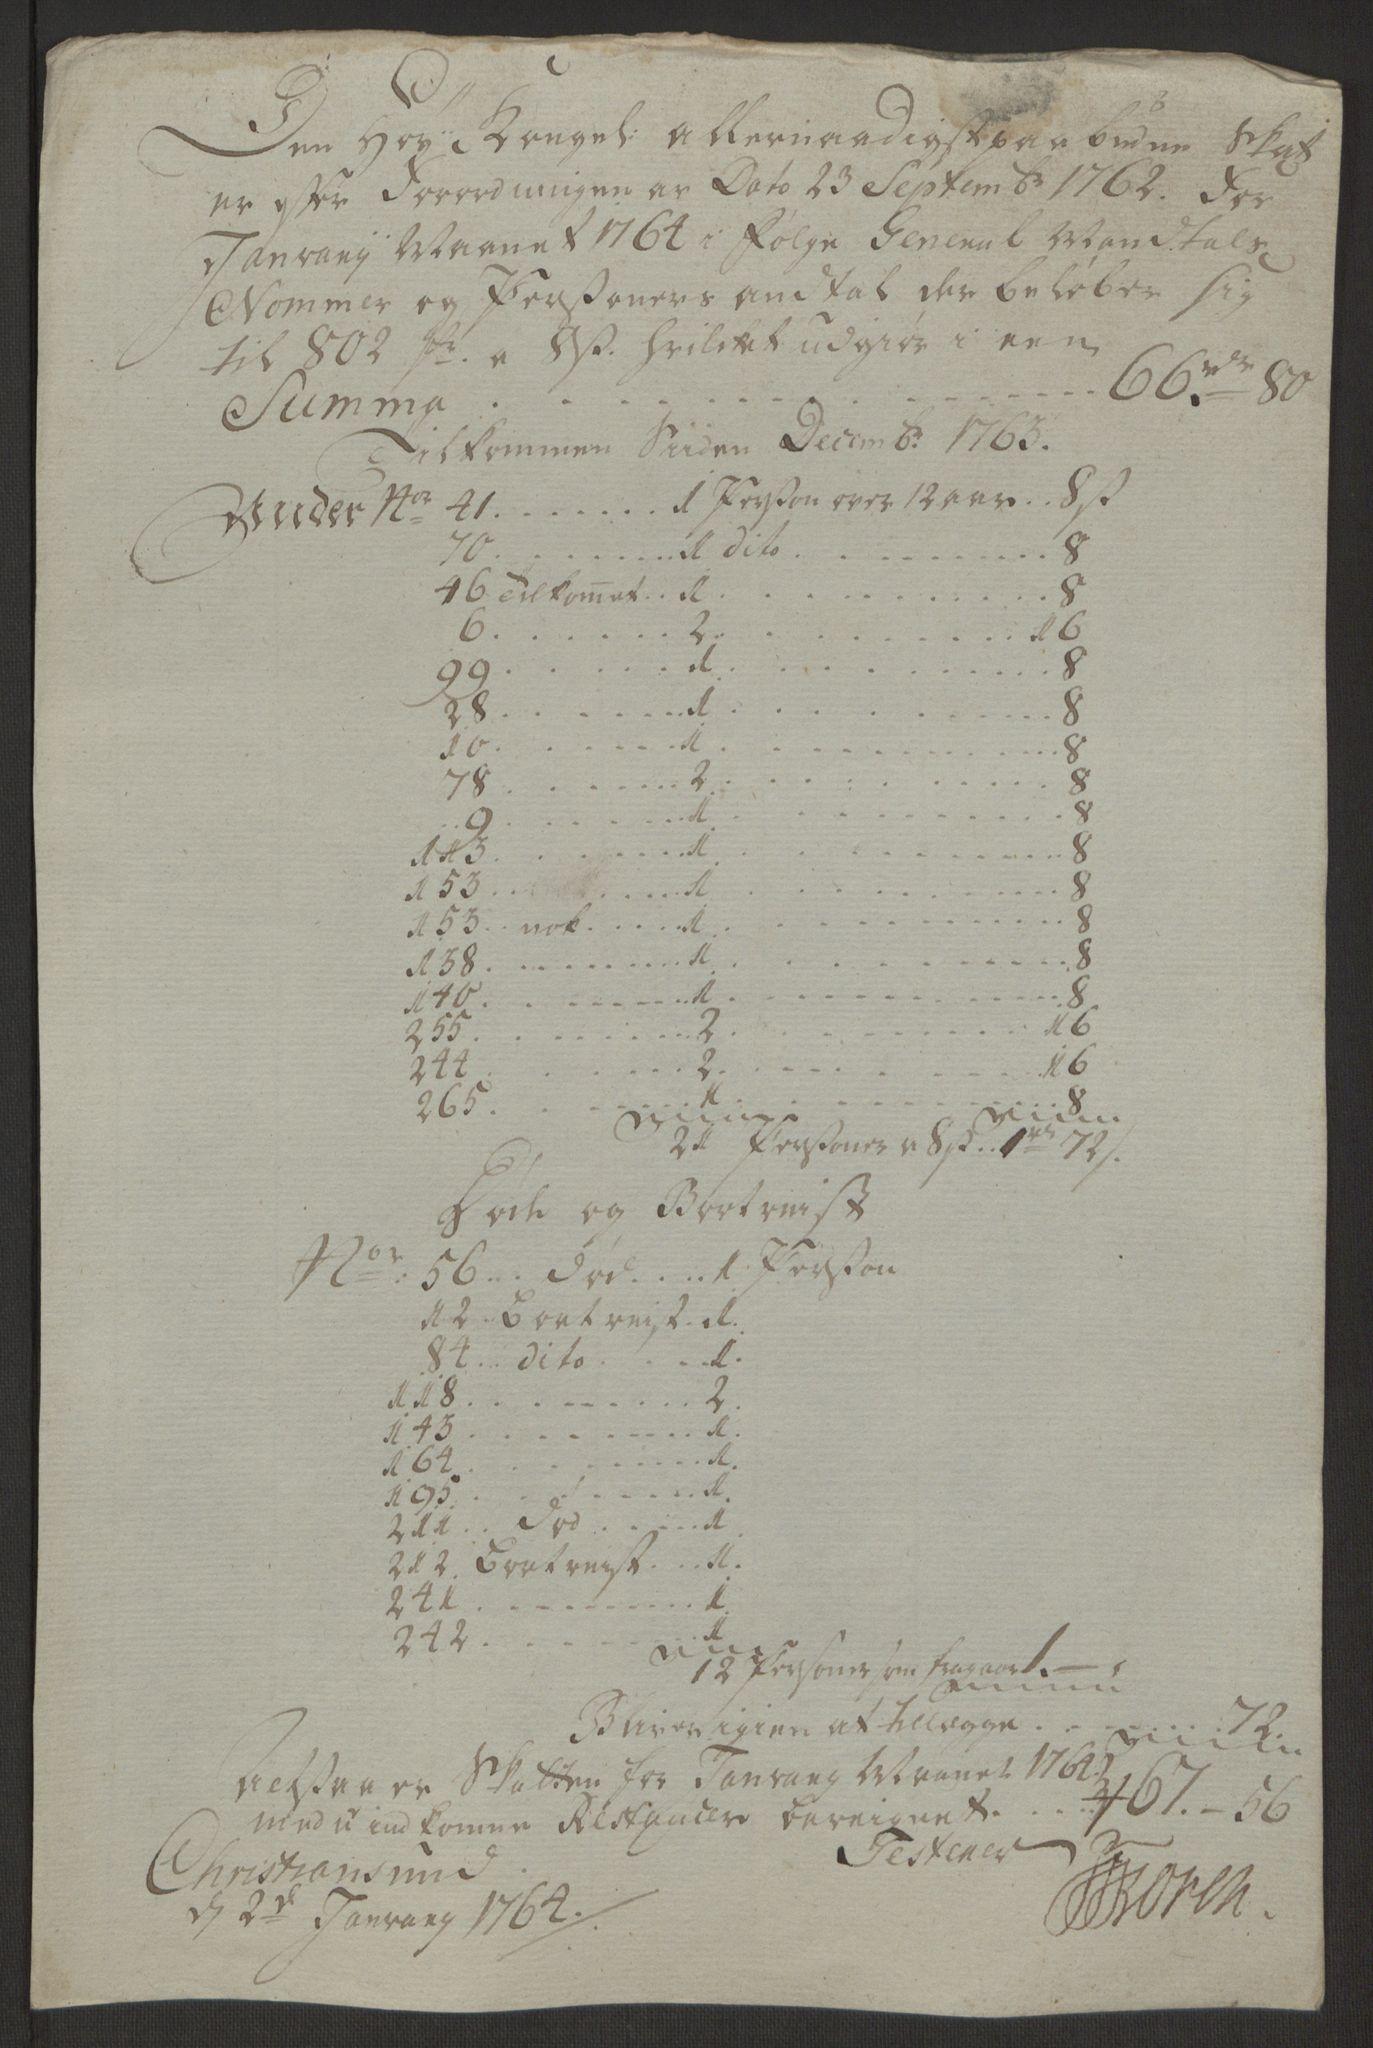 RA, Rentekammeret inntil 1814, Reviderte regnskaper, Byregnskaper, R/Rr/L0495: [R1] Kontribusjonsregnskap, 1762-1772, s. 37